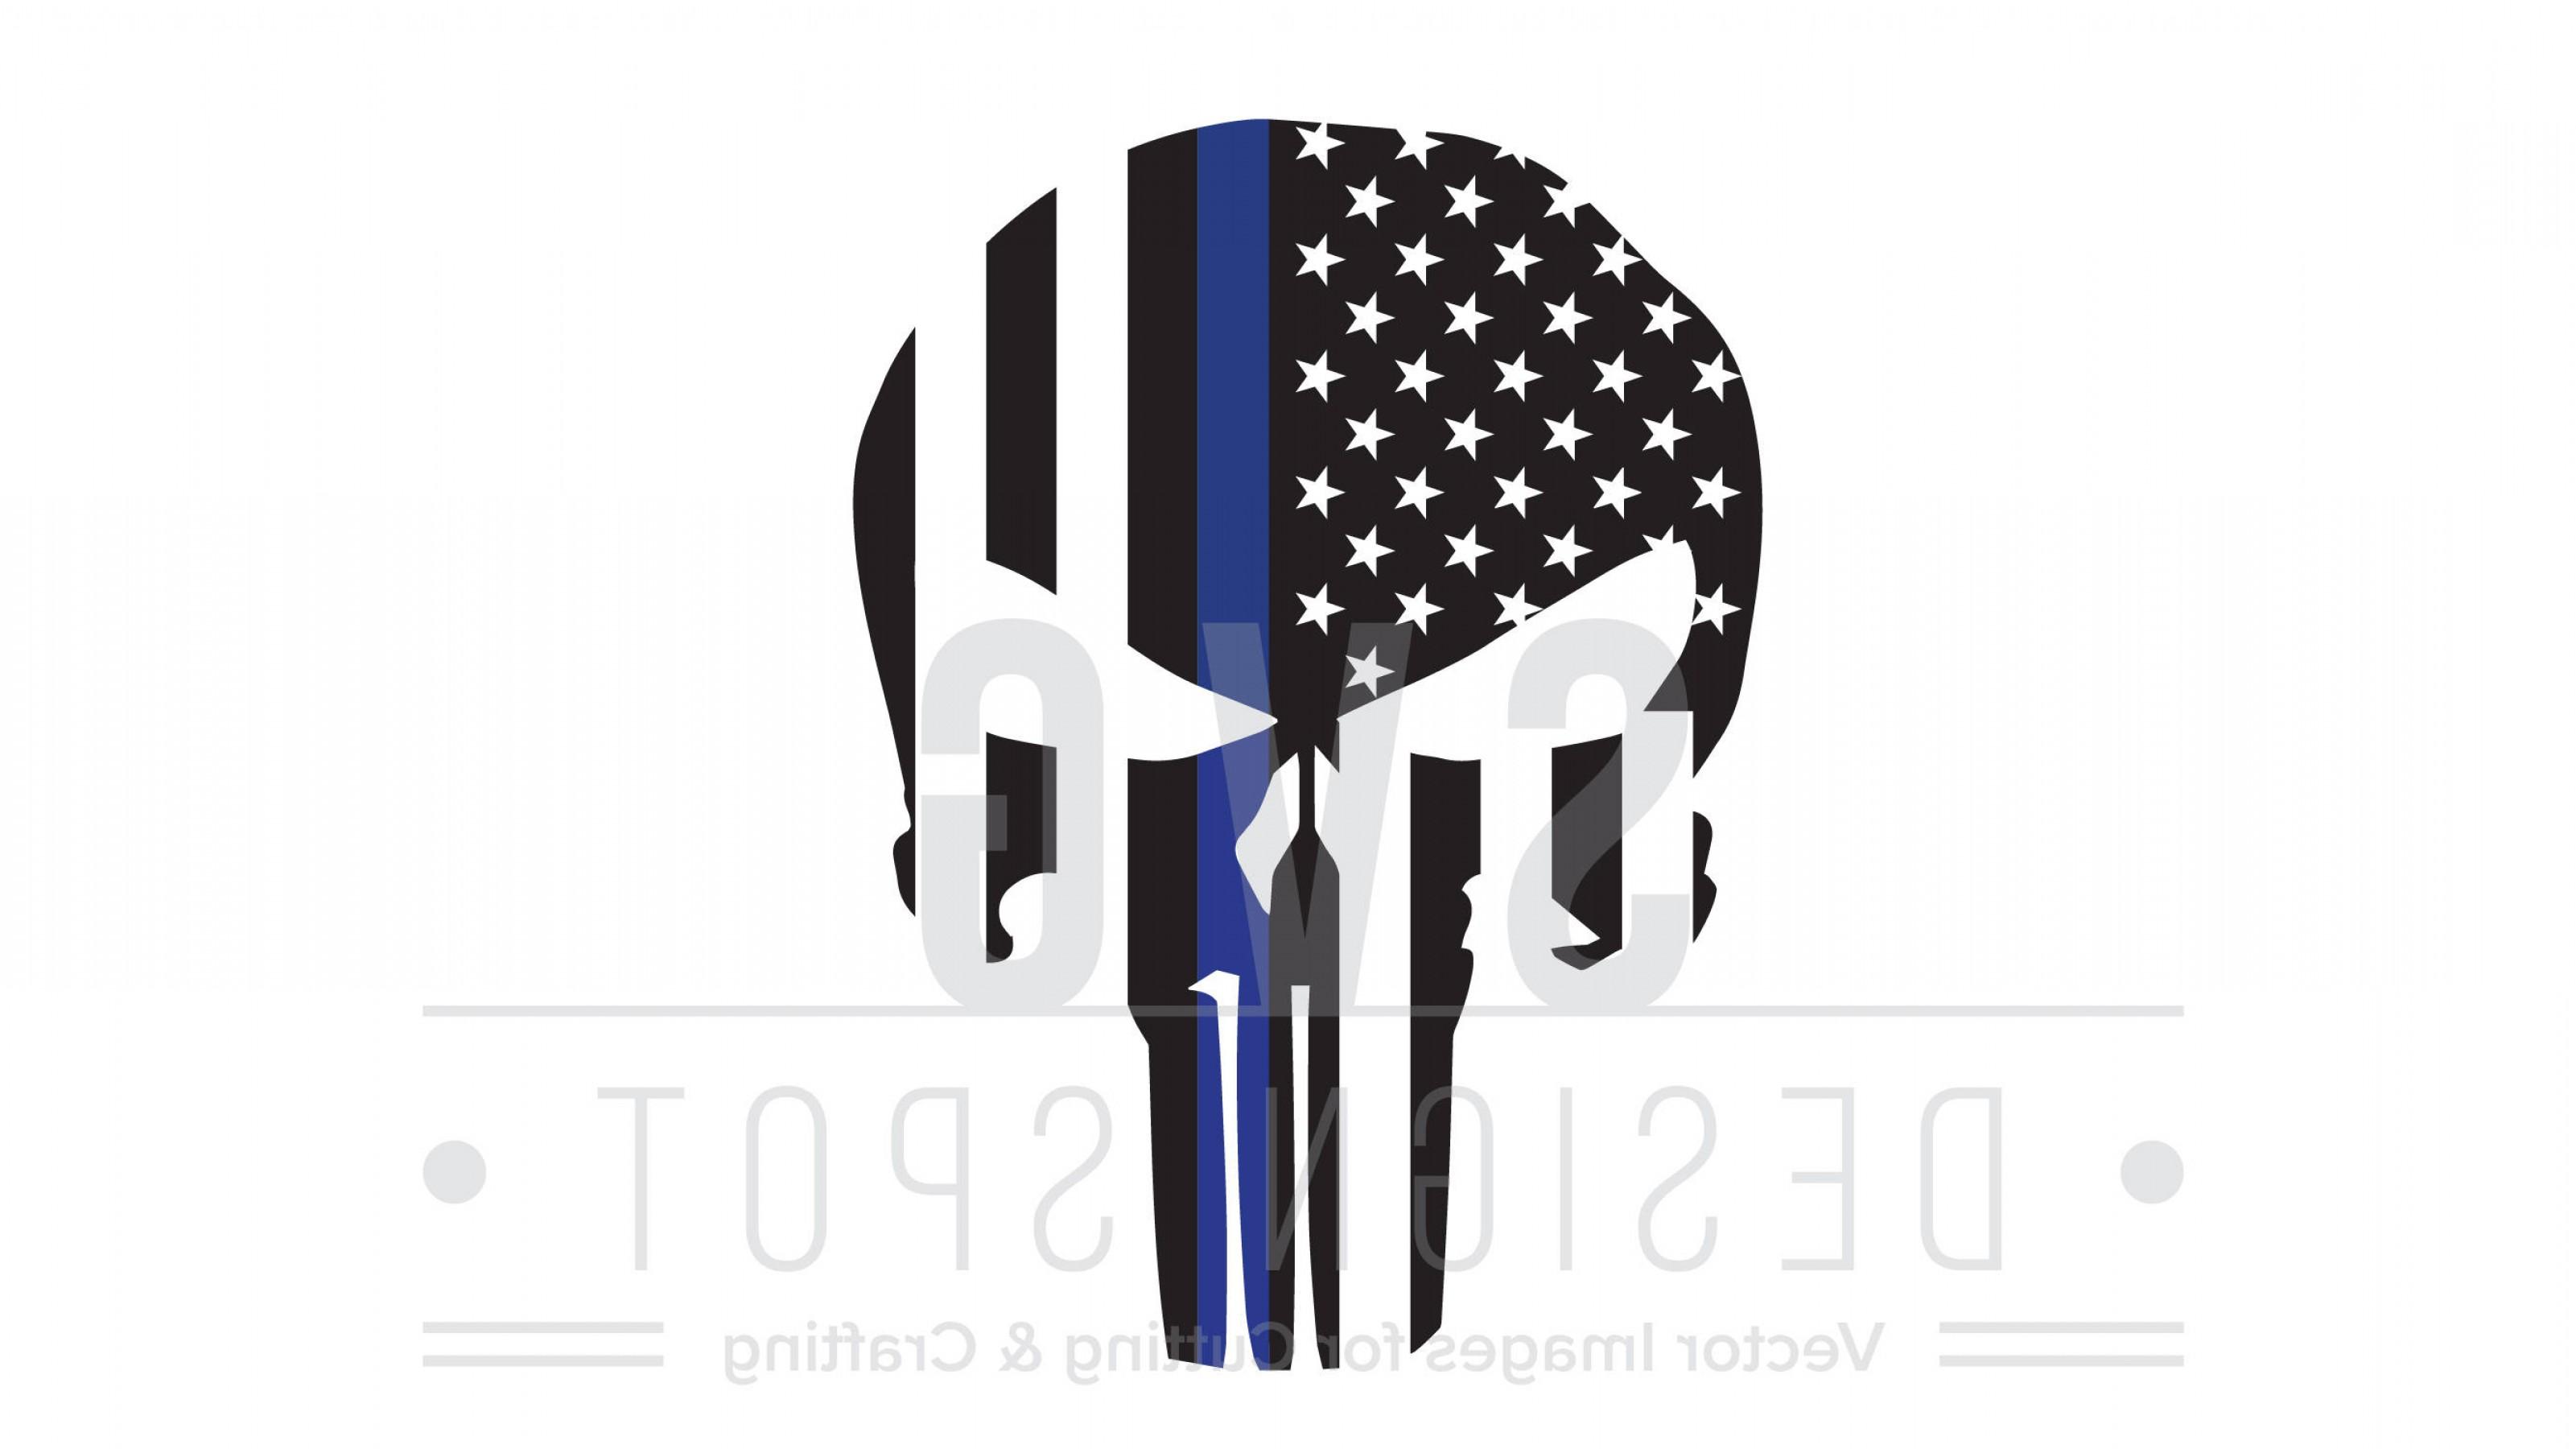 3201x1800 The Punisher Skull Flag Police Officer Sohadacouri